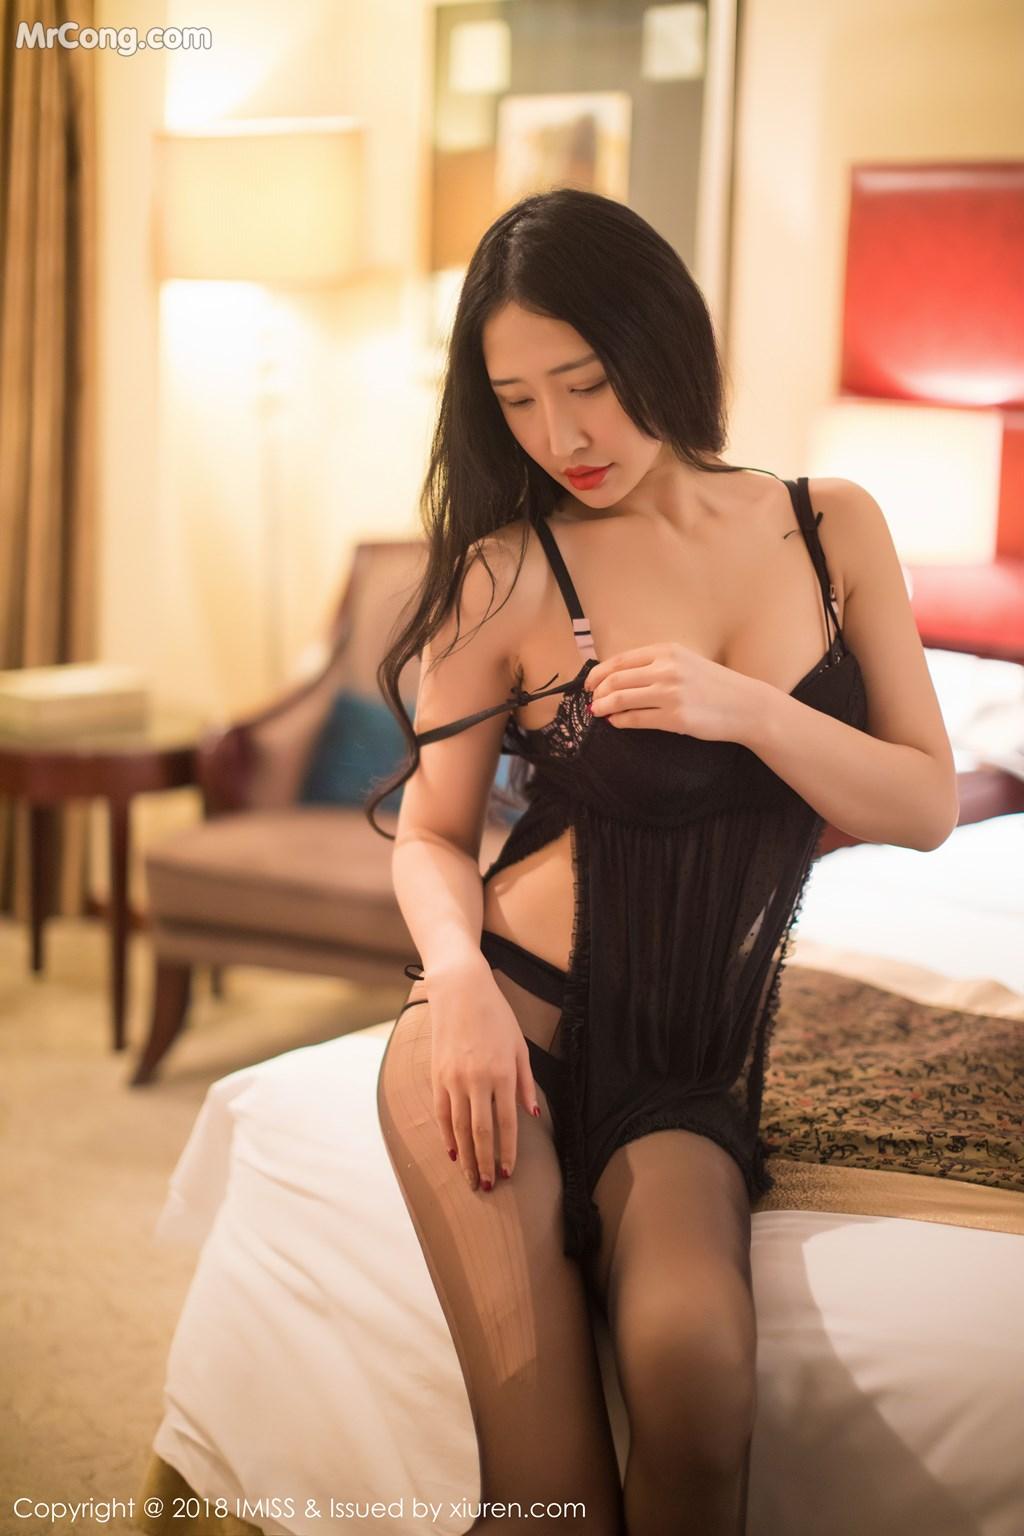 Image IMISS-Vol.246-Yu-Xin-Yan-MrCong.com-008 in post IMISS Vol.246: Người mẫu Yu Xin Yan (余馨妍) (42 ảnh)